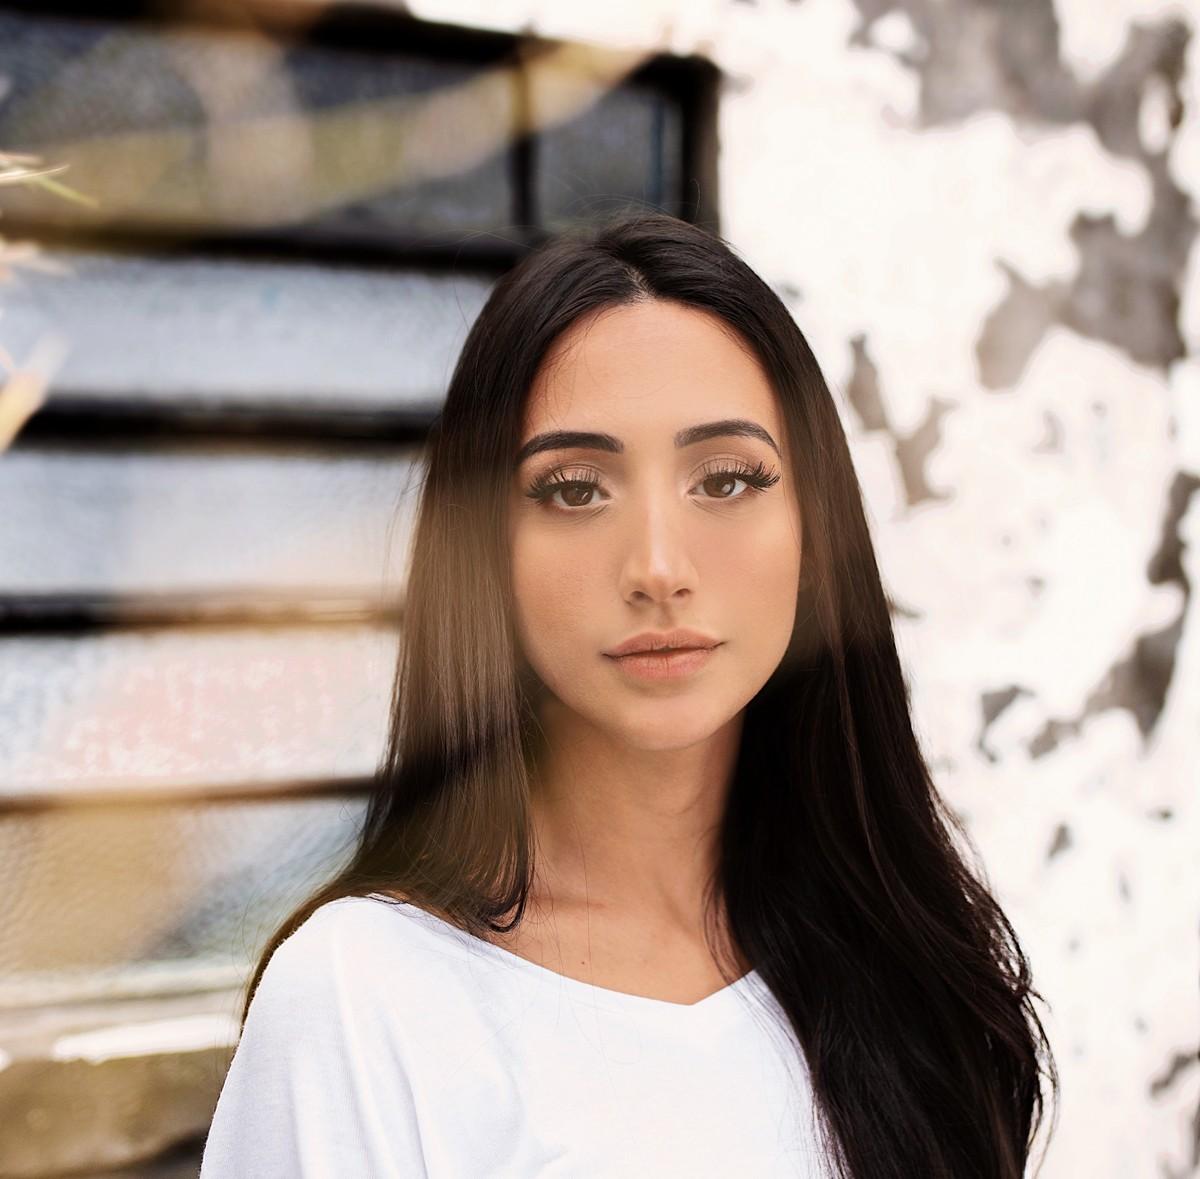 Turnê da cantora Mariana Nolasco chega a Belém nesta quinta, 21 - G1